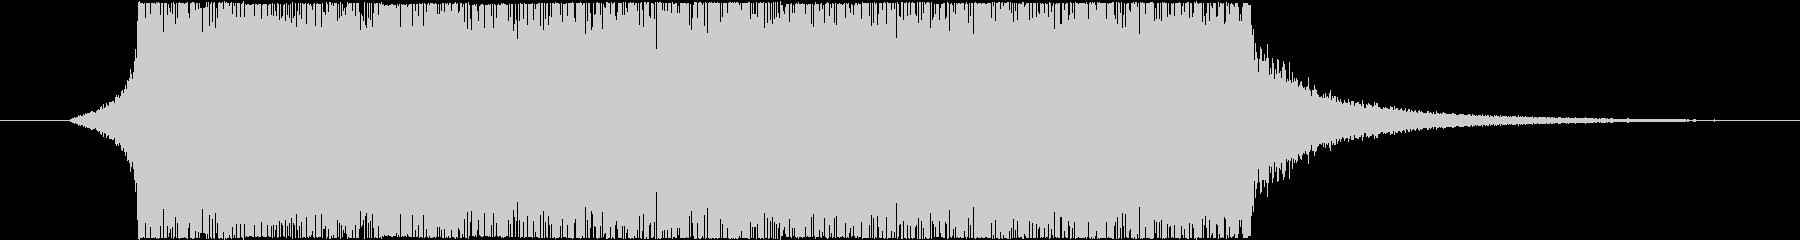 始まり・終わりの予感ギターロックジングルの未再生の波形